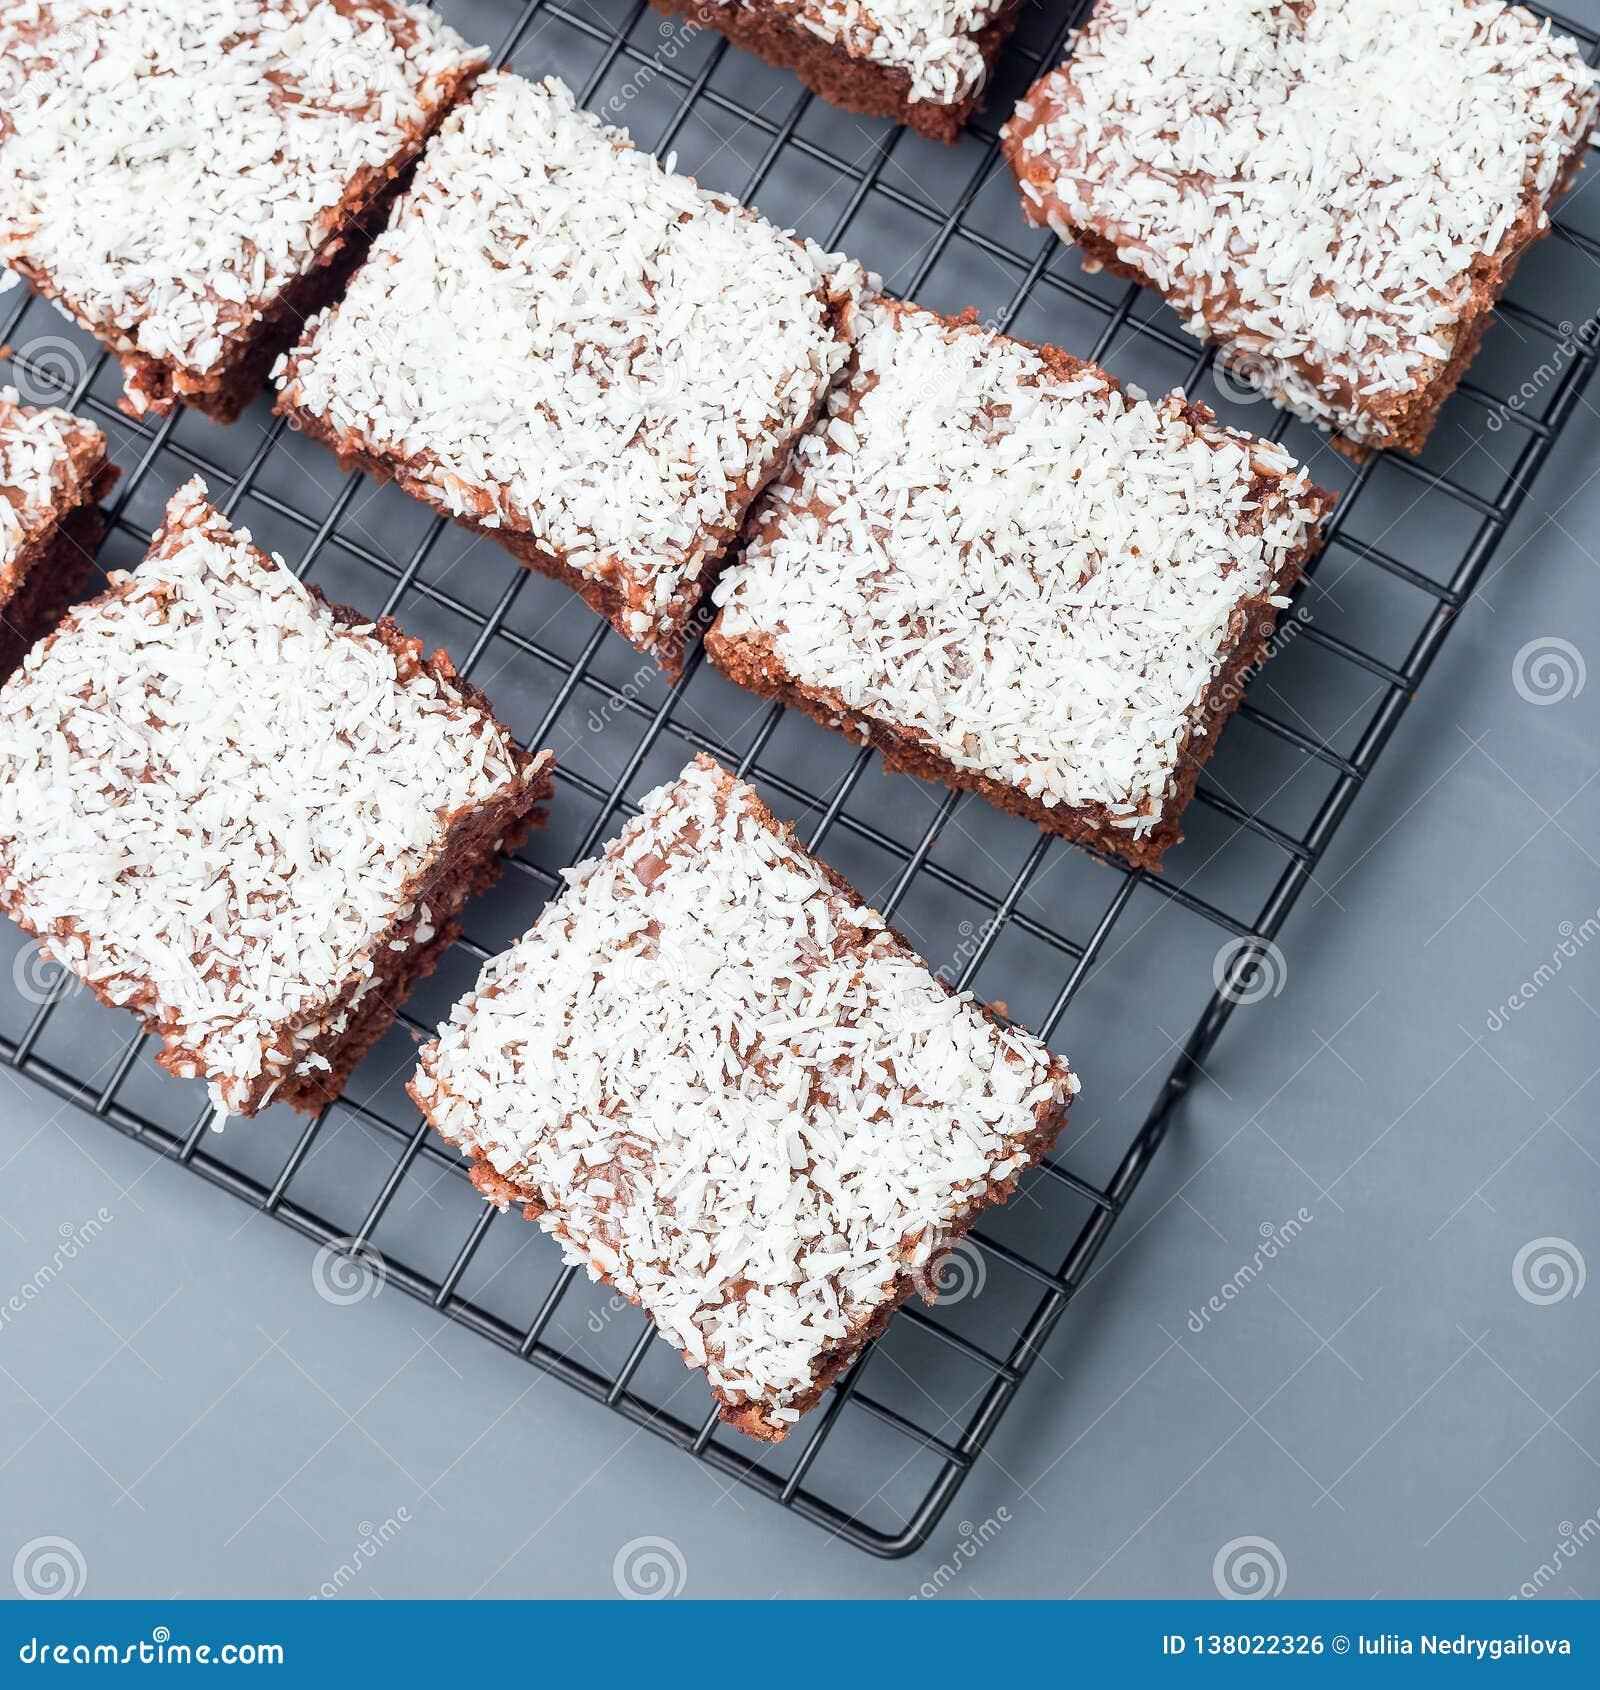 De eigengemaakte brownie met kokosnoot schilfert, Zweeds dessert Karleksmums, besnoeiing in vierkante porties, bij het koelen van